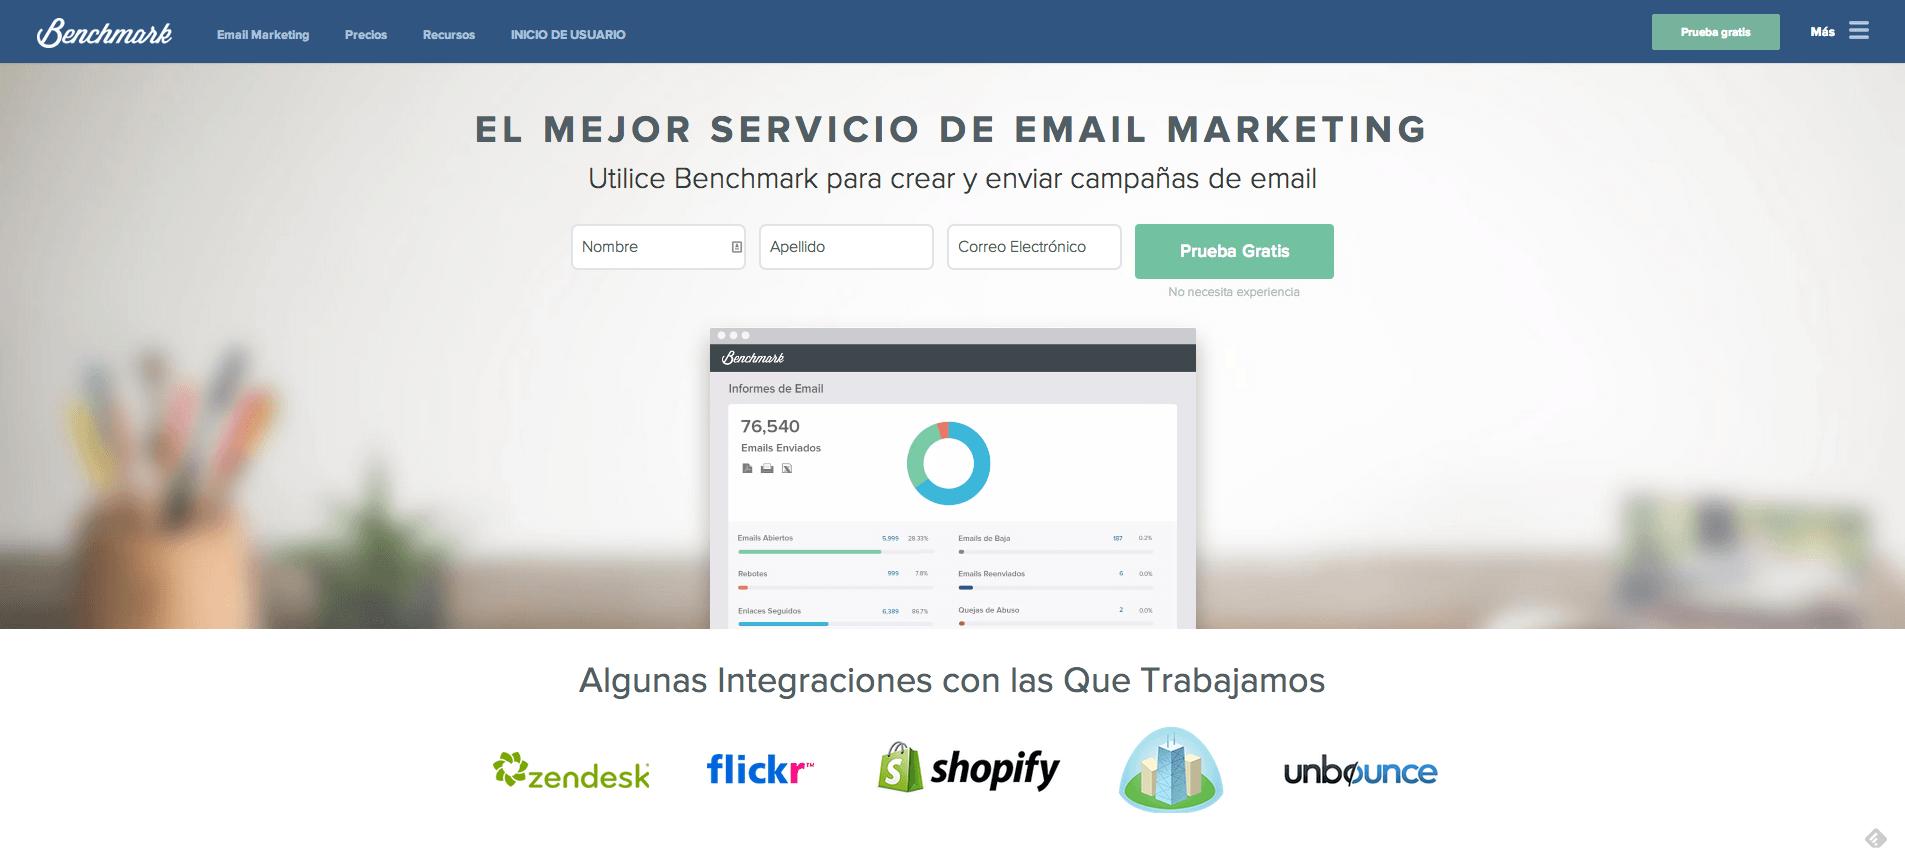 BenchMark: EmailMarketing en Español